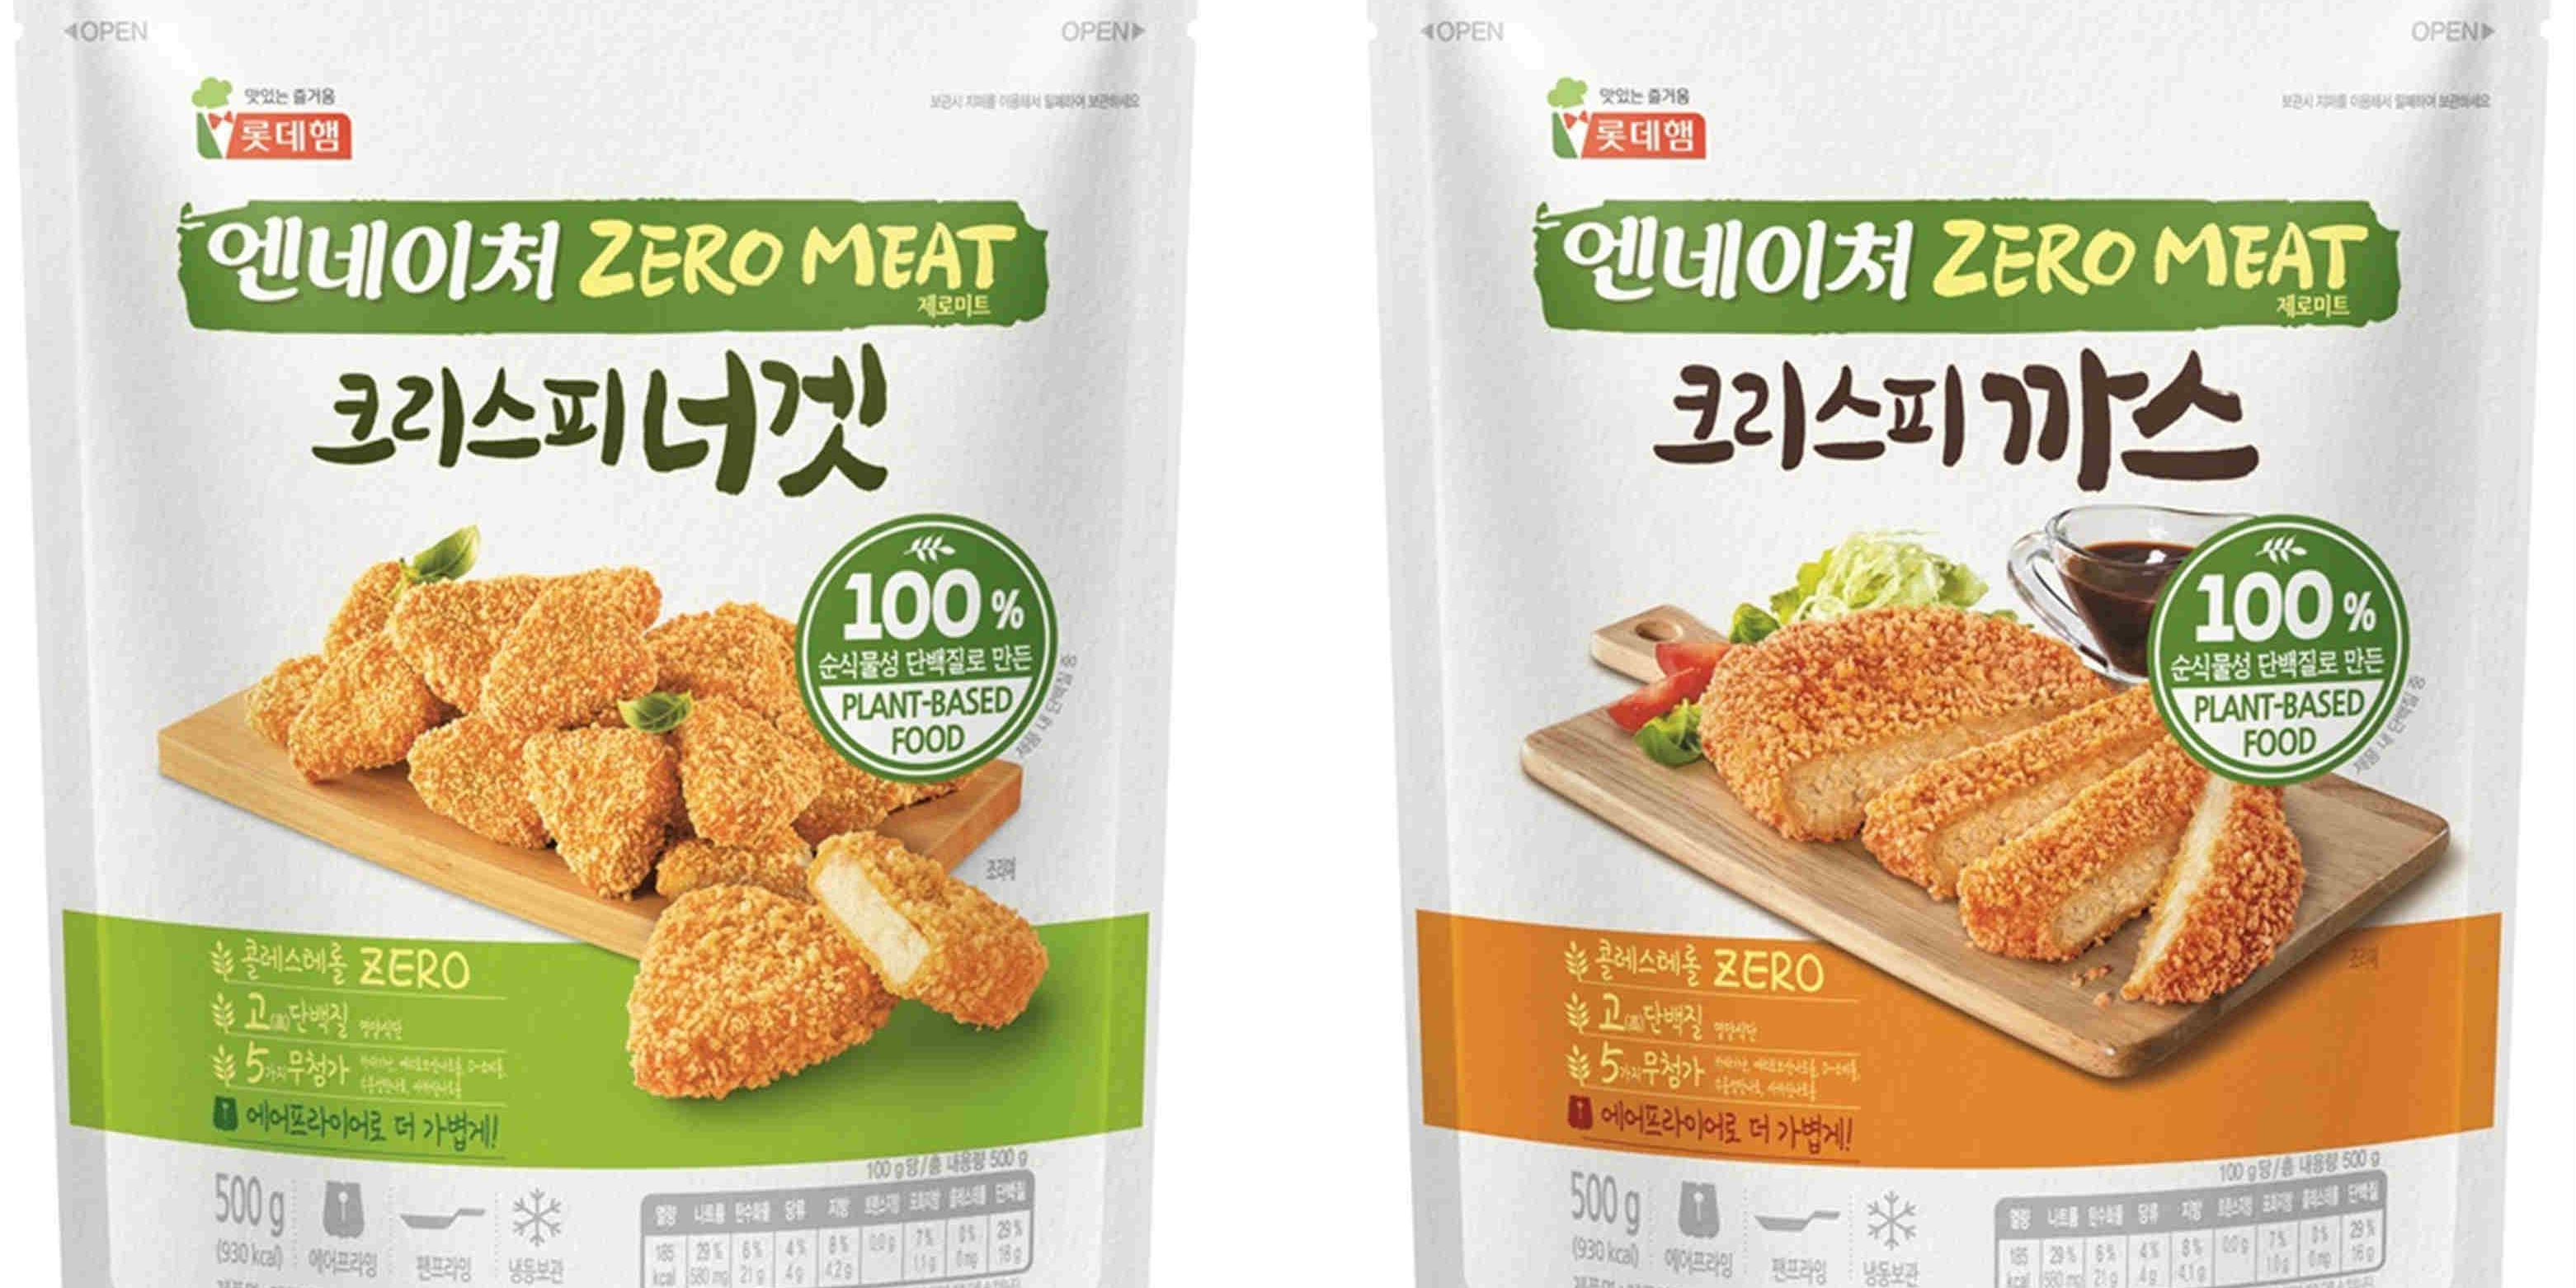 롯데푸드와 동원F&B, 대체육류사업으로 국내 채식시장 선점 잰걸음